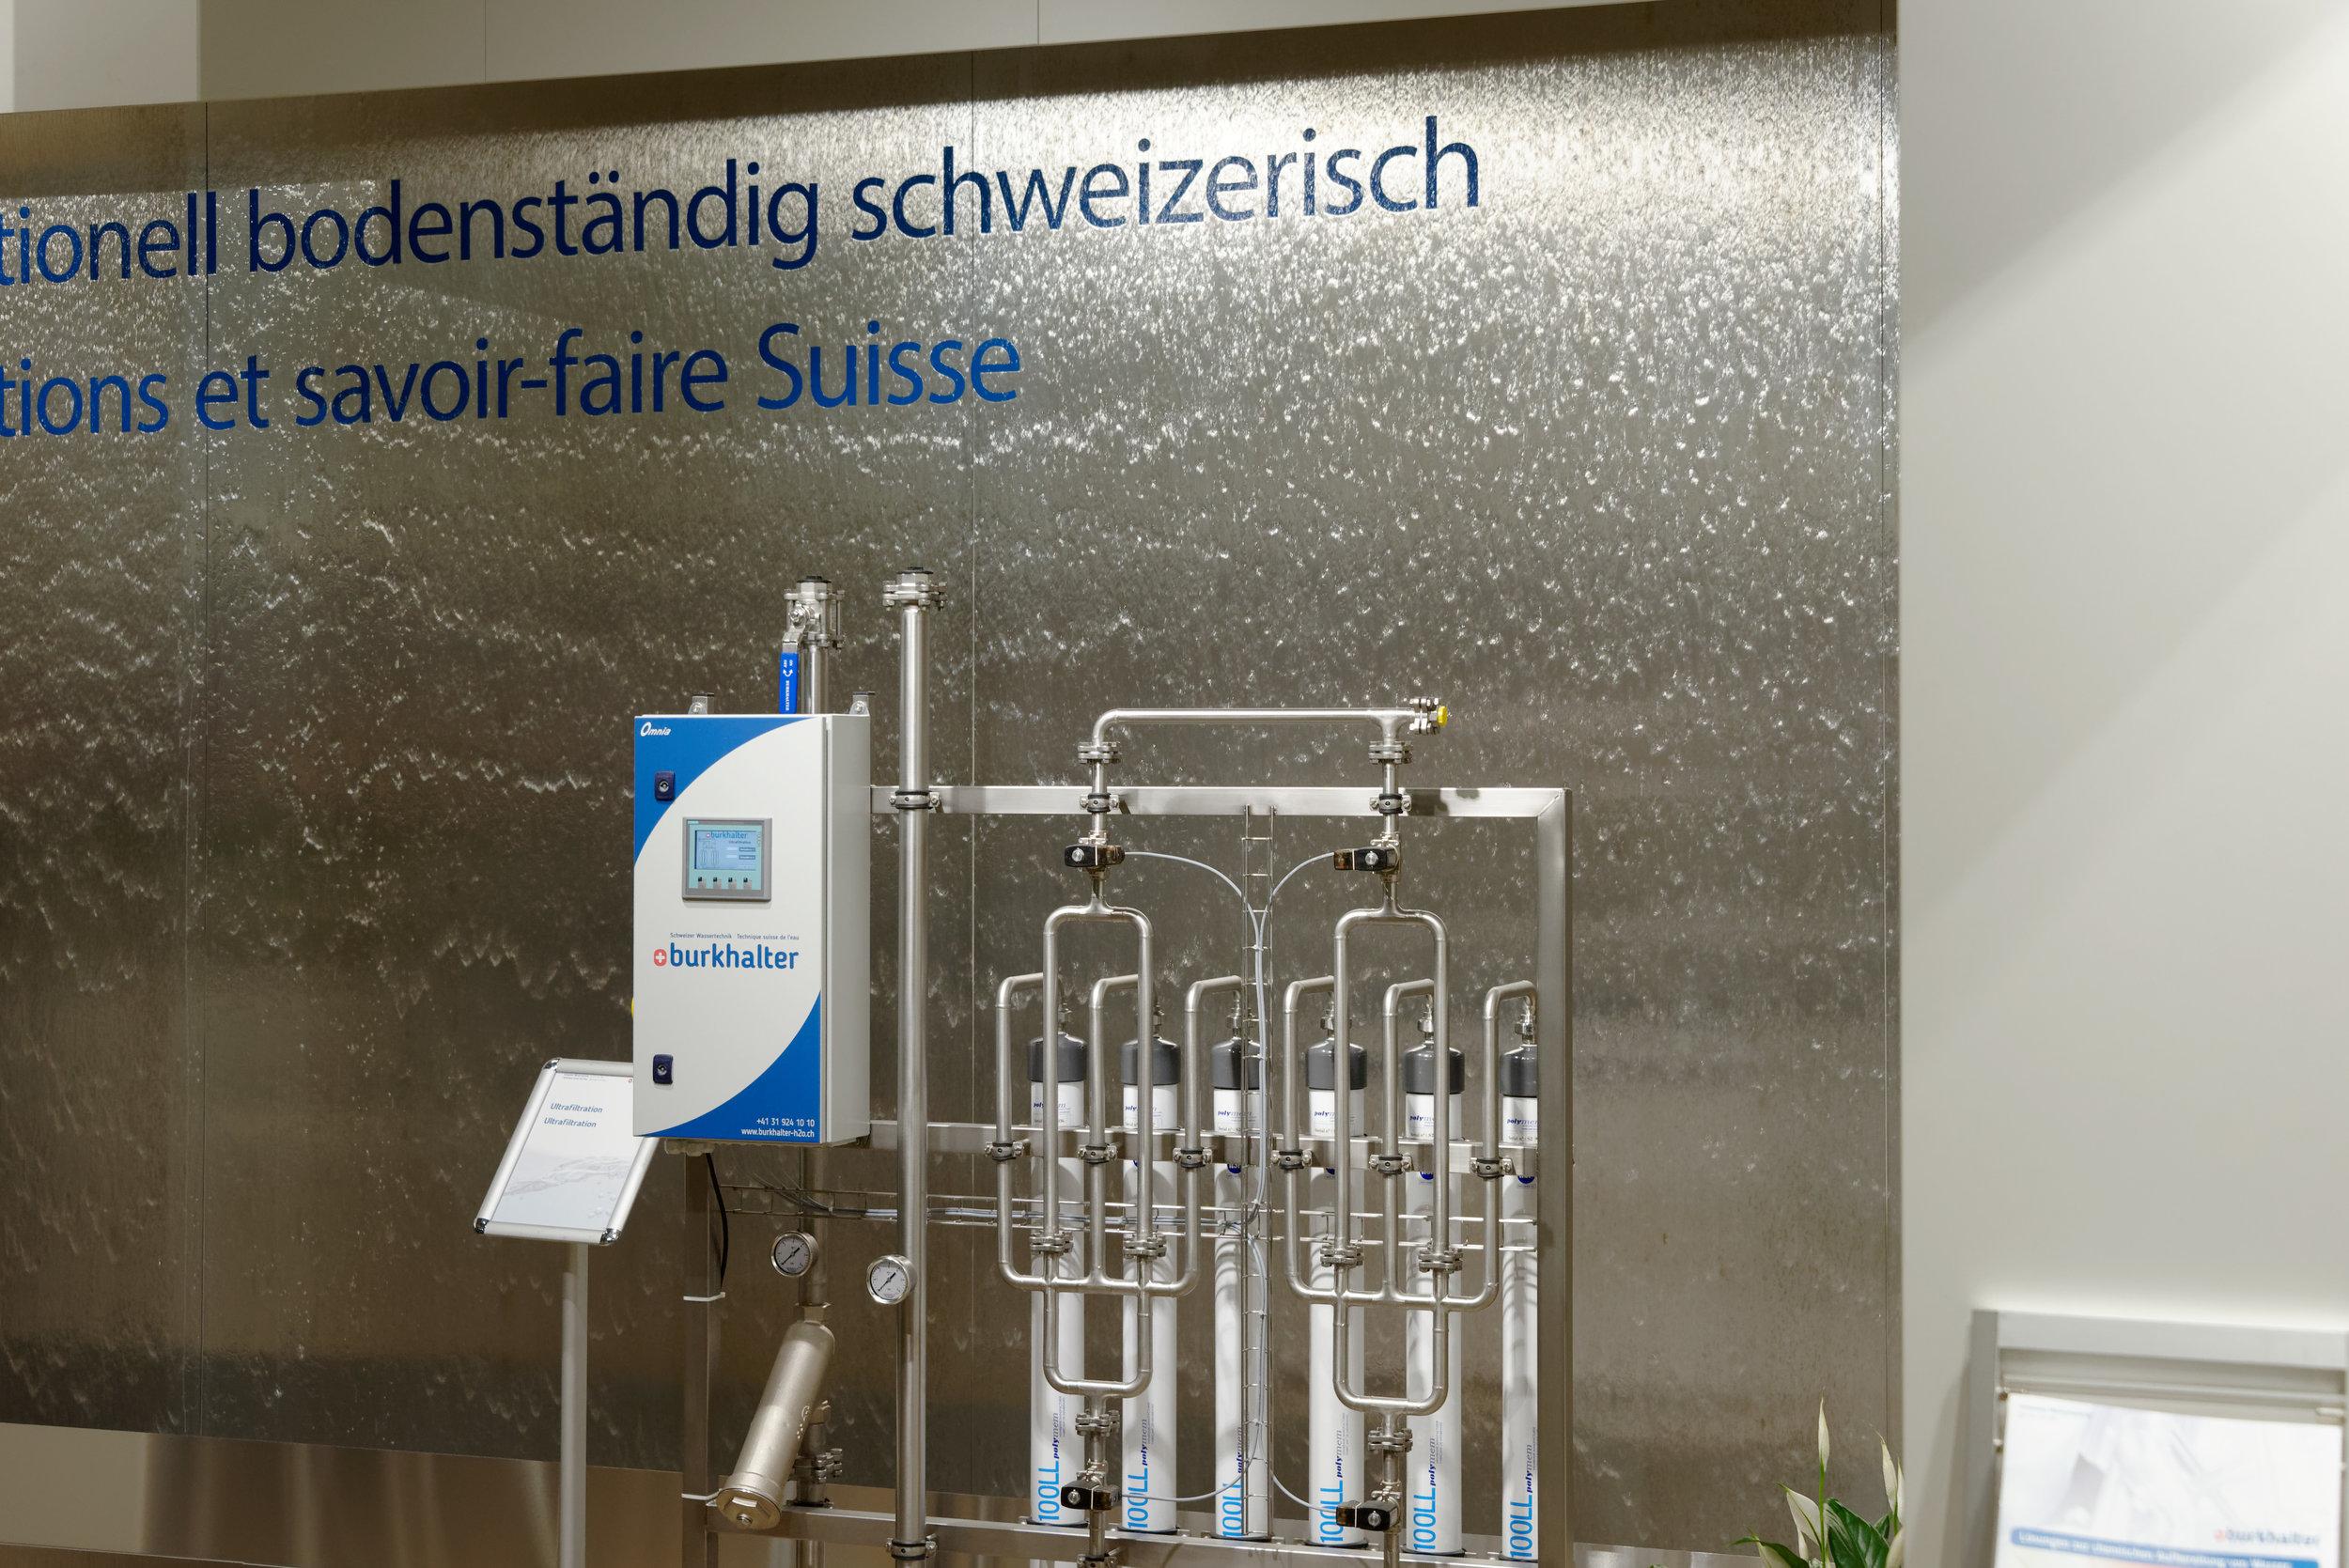 PENG_Burkhalter_Swissbau_2018_4.jpg